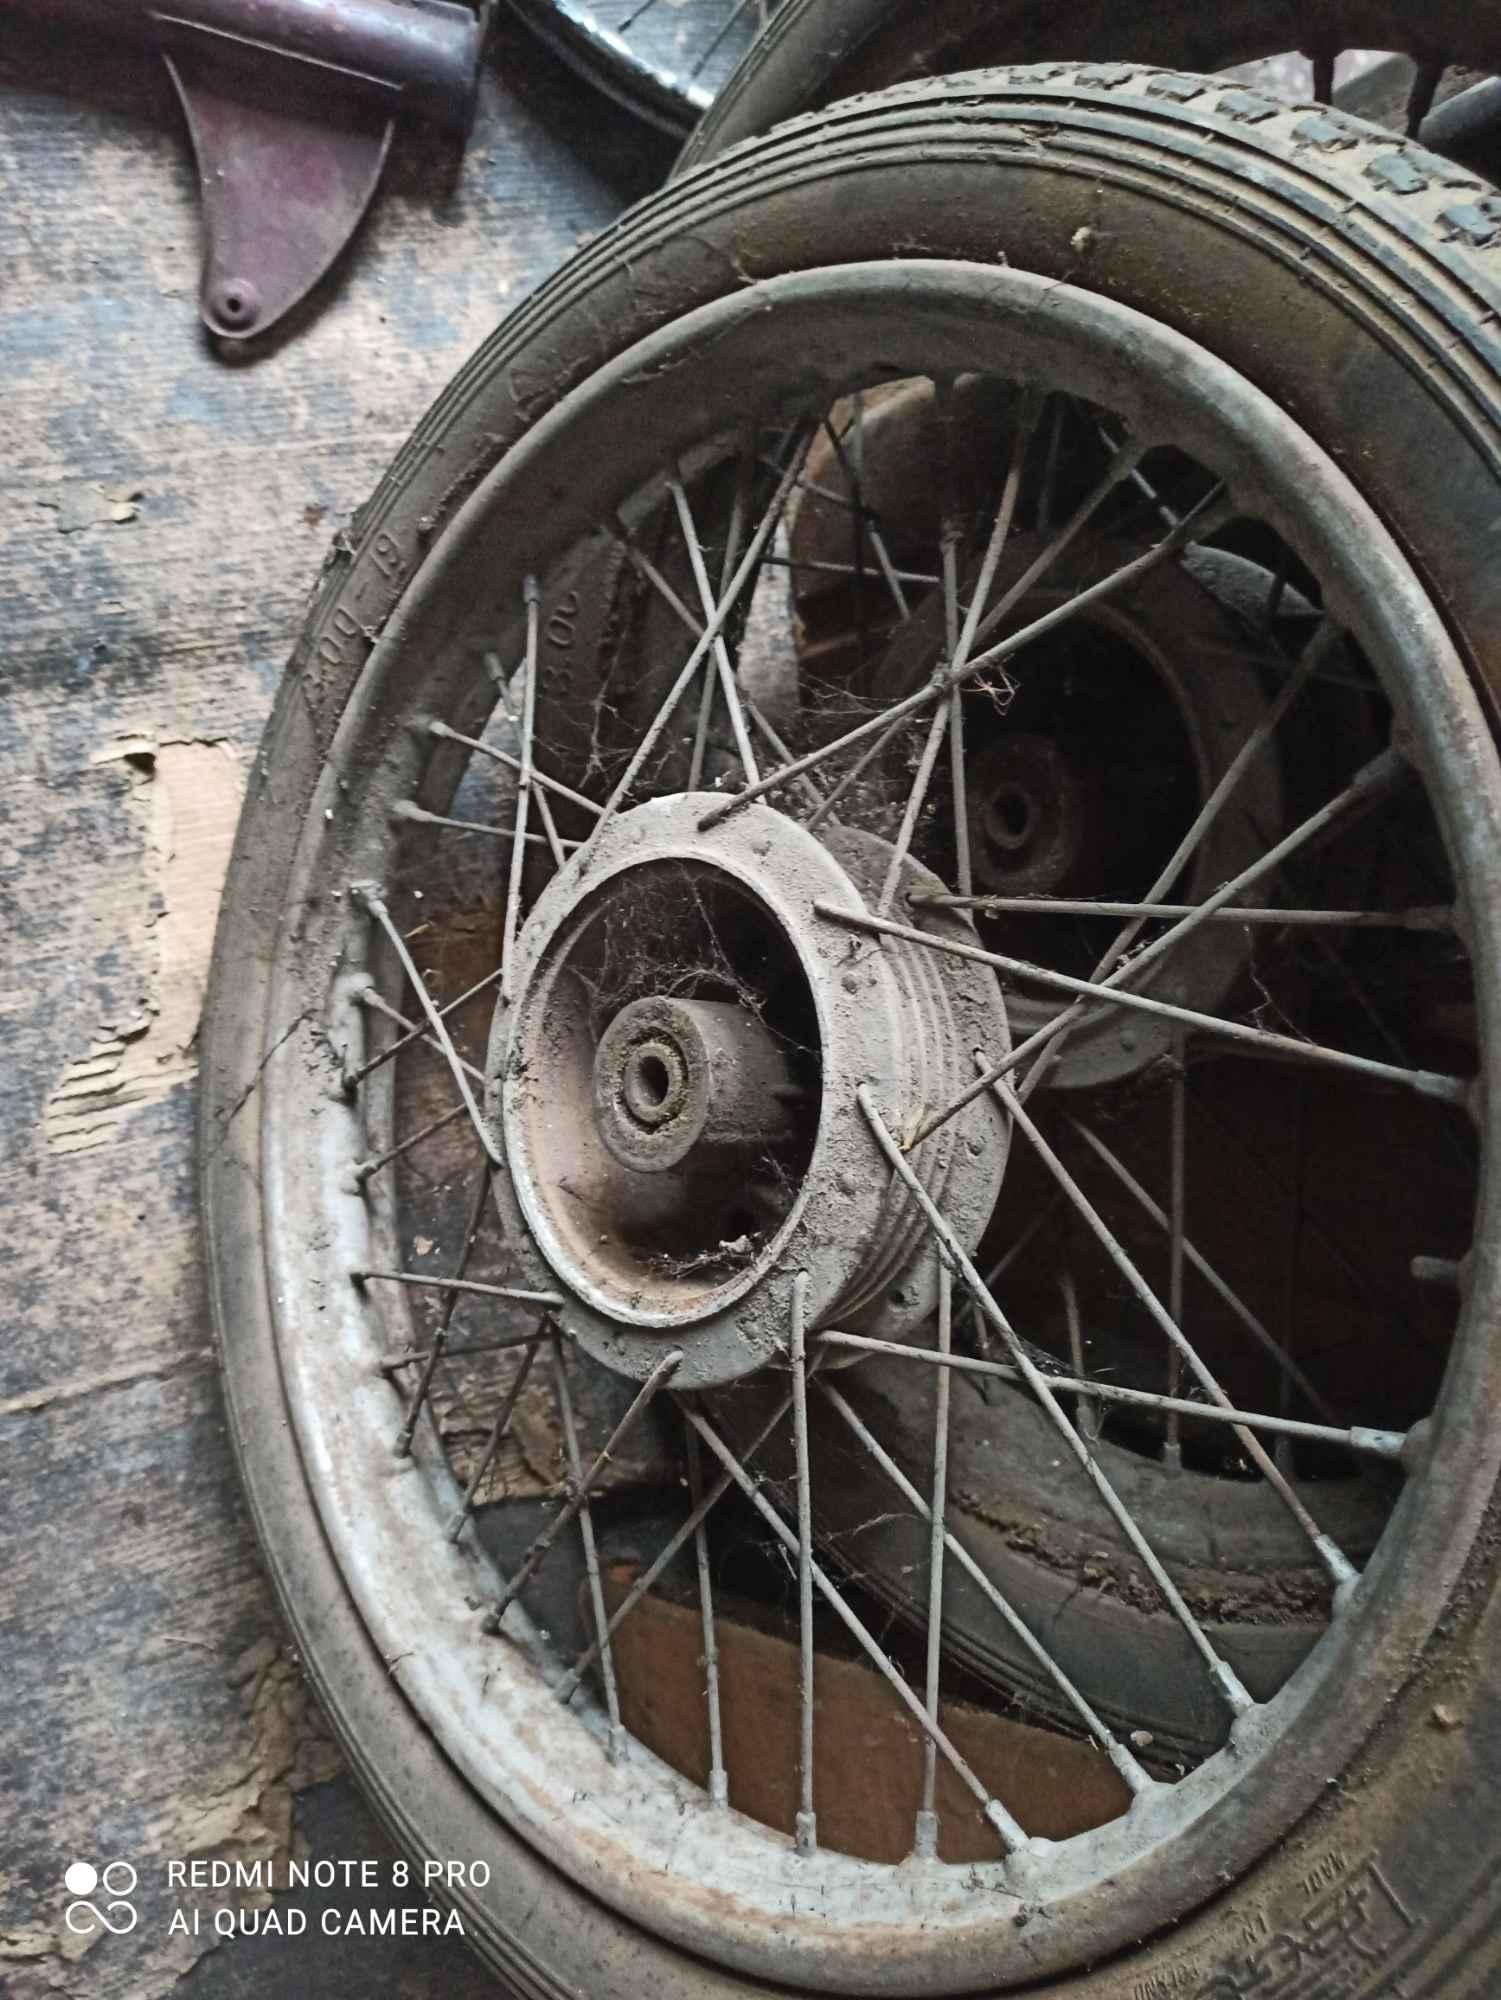 WSK  i inne części do motocykli Prl-zestaw! Częstochowa - zdjęcie 11